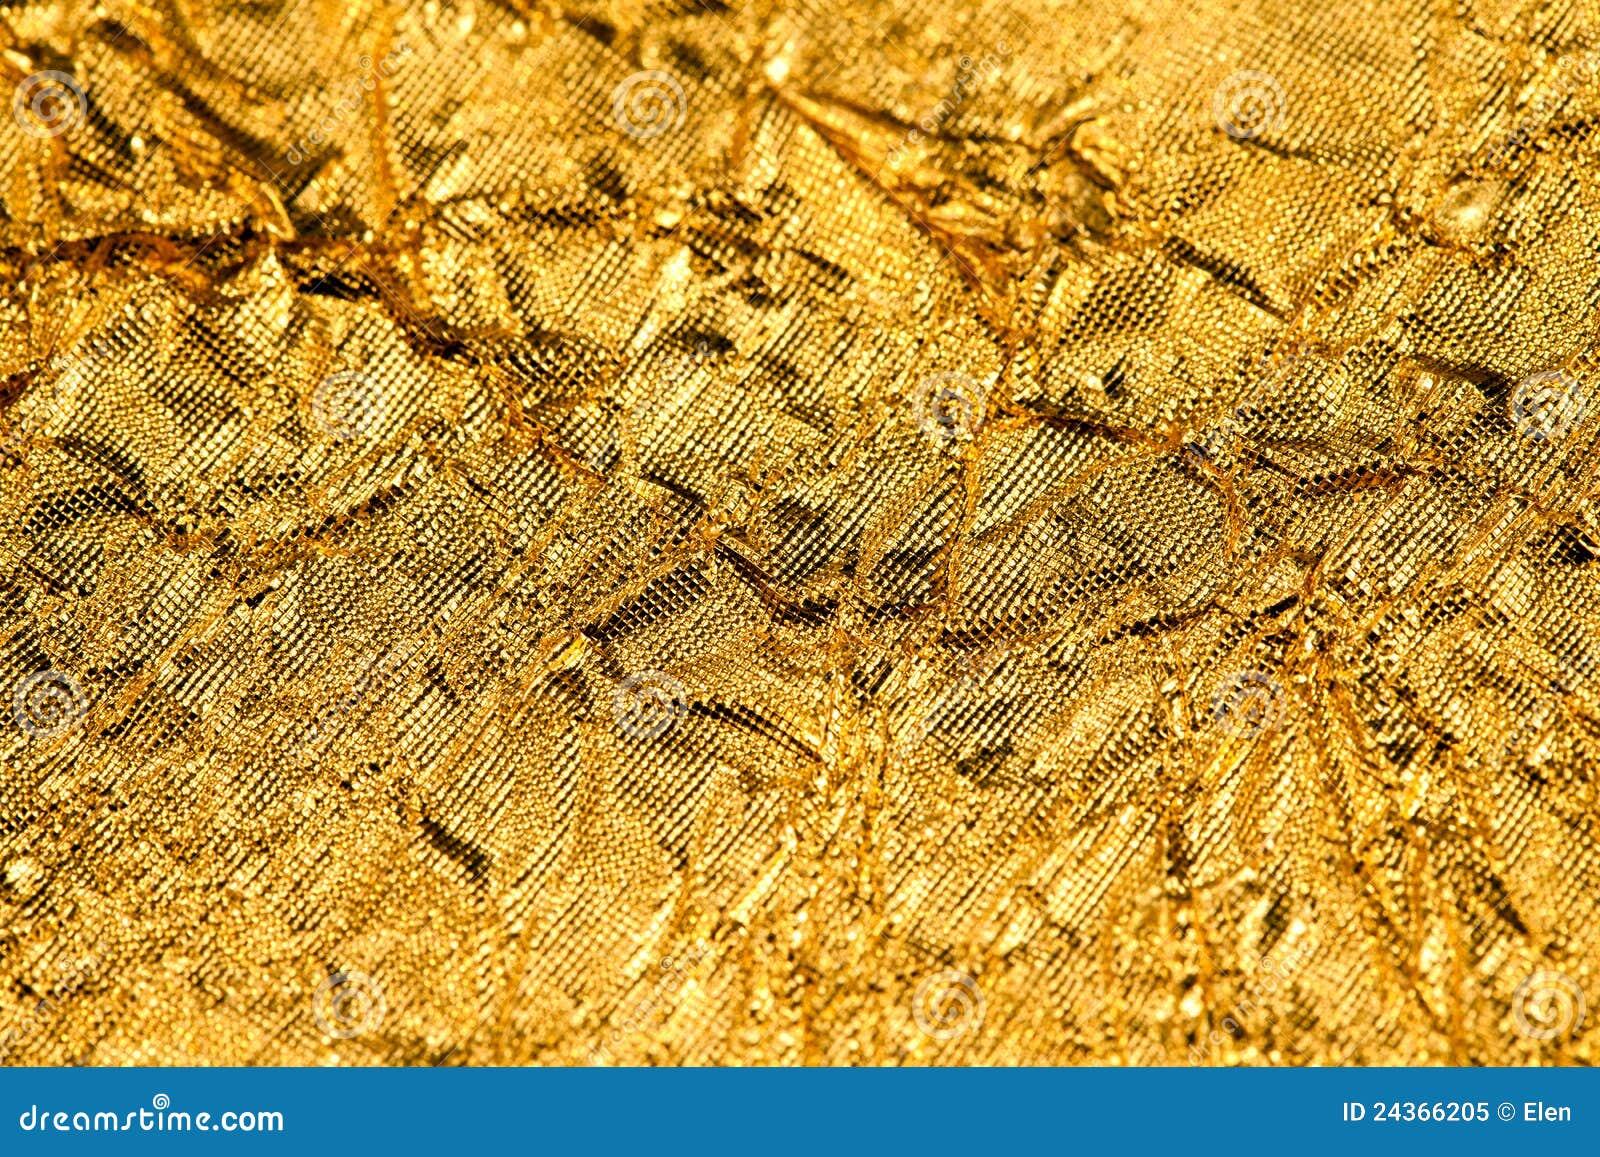 золото сусальное фото